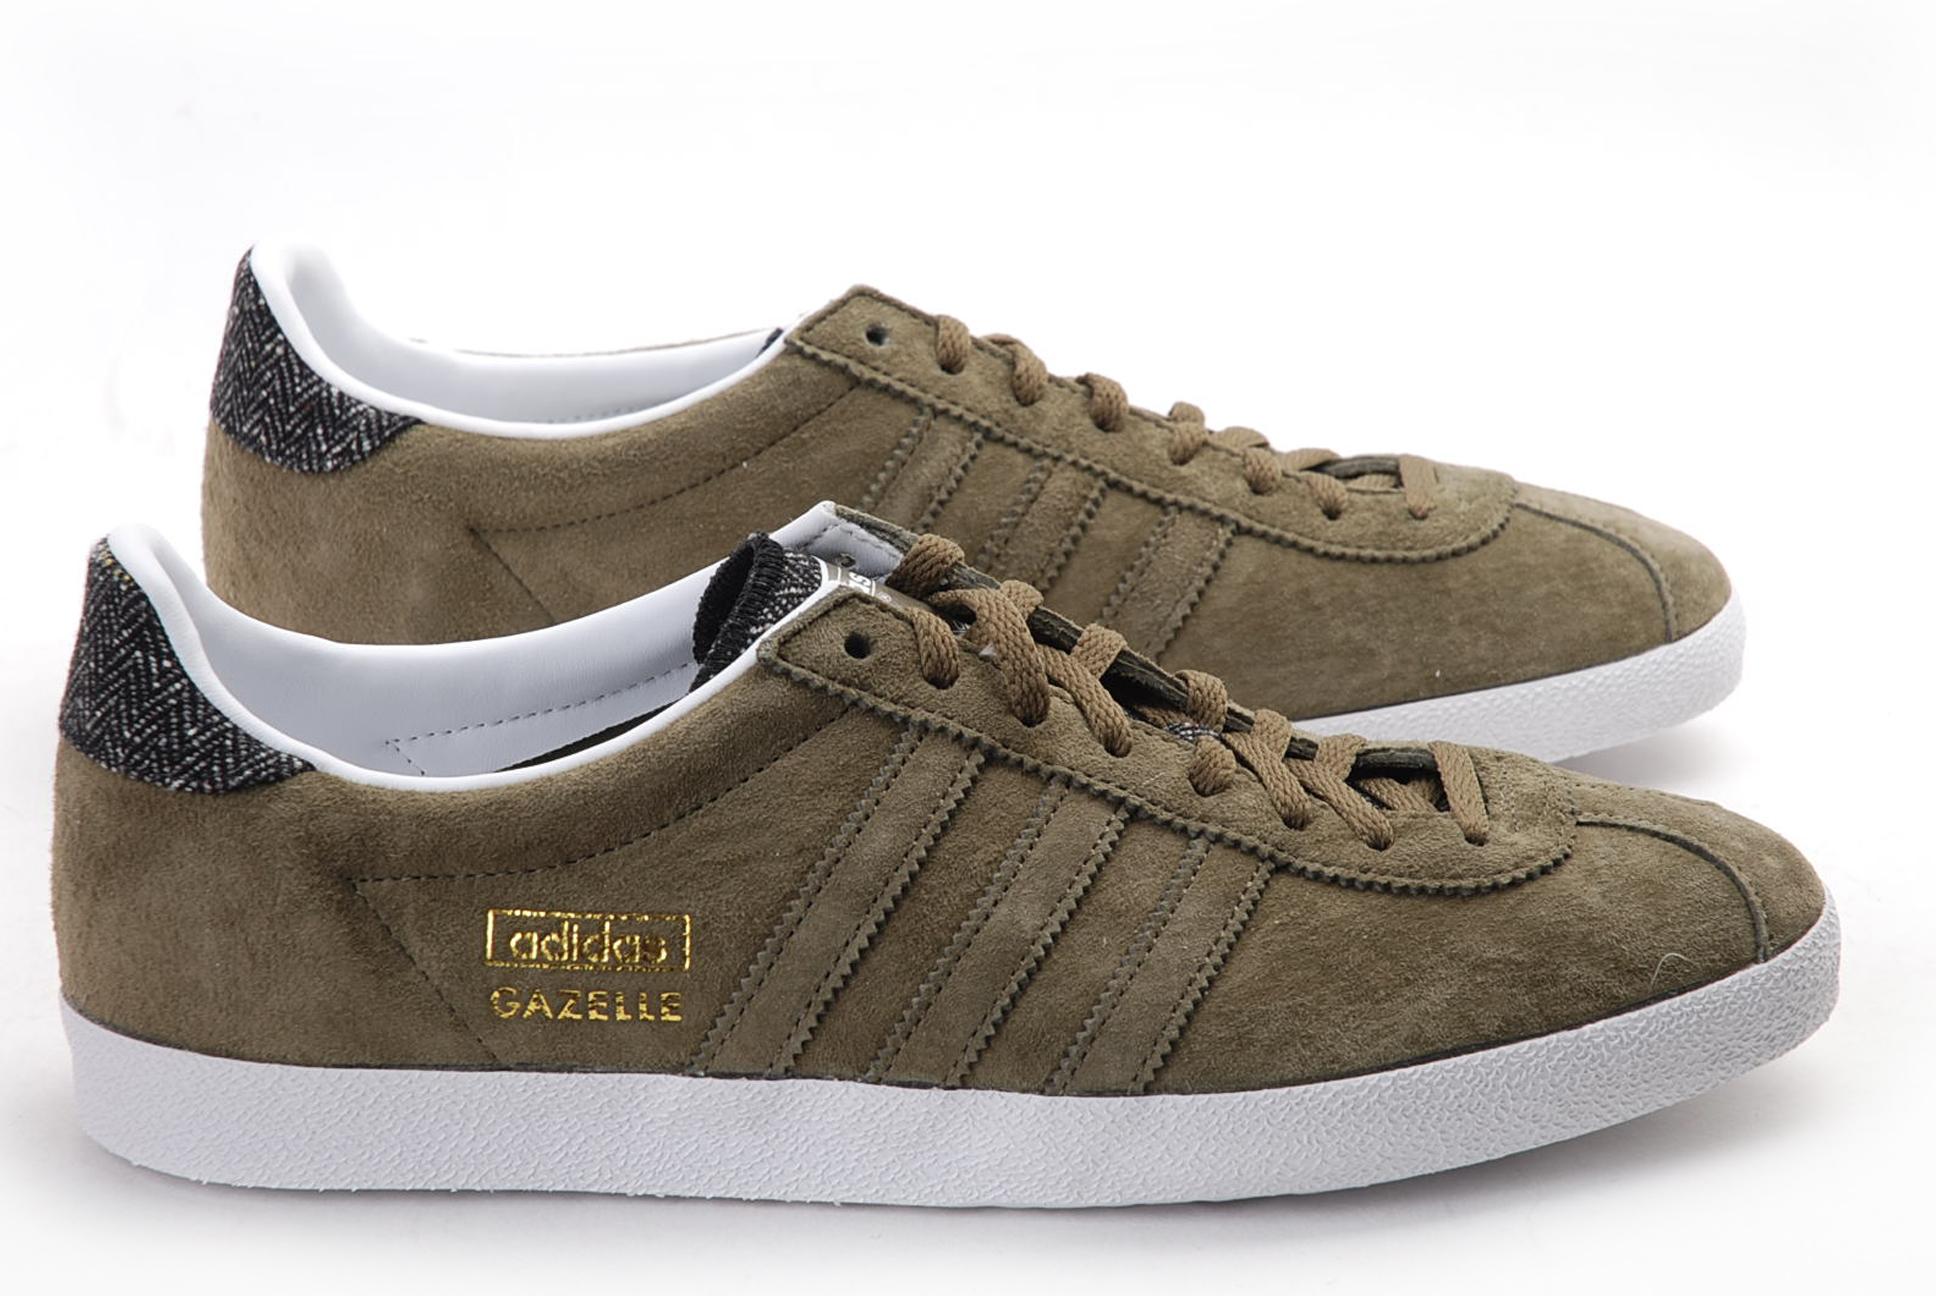 Og Gazelle Nuevo Originals Hombres Cuero Casual Smart Adidas Para HIDE92